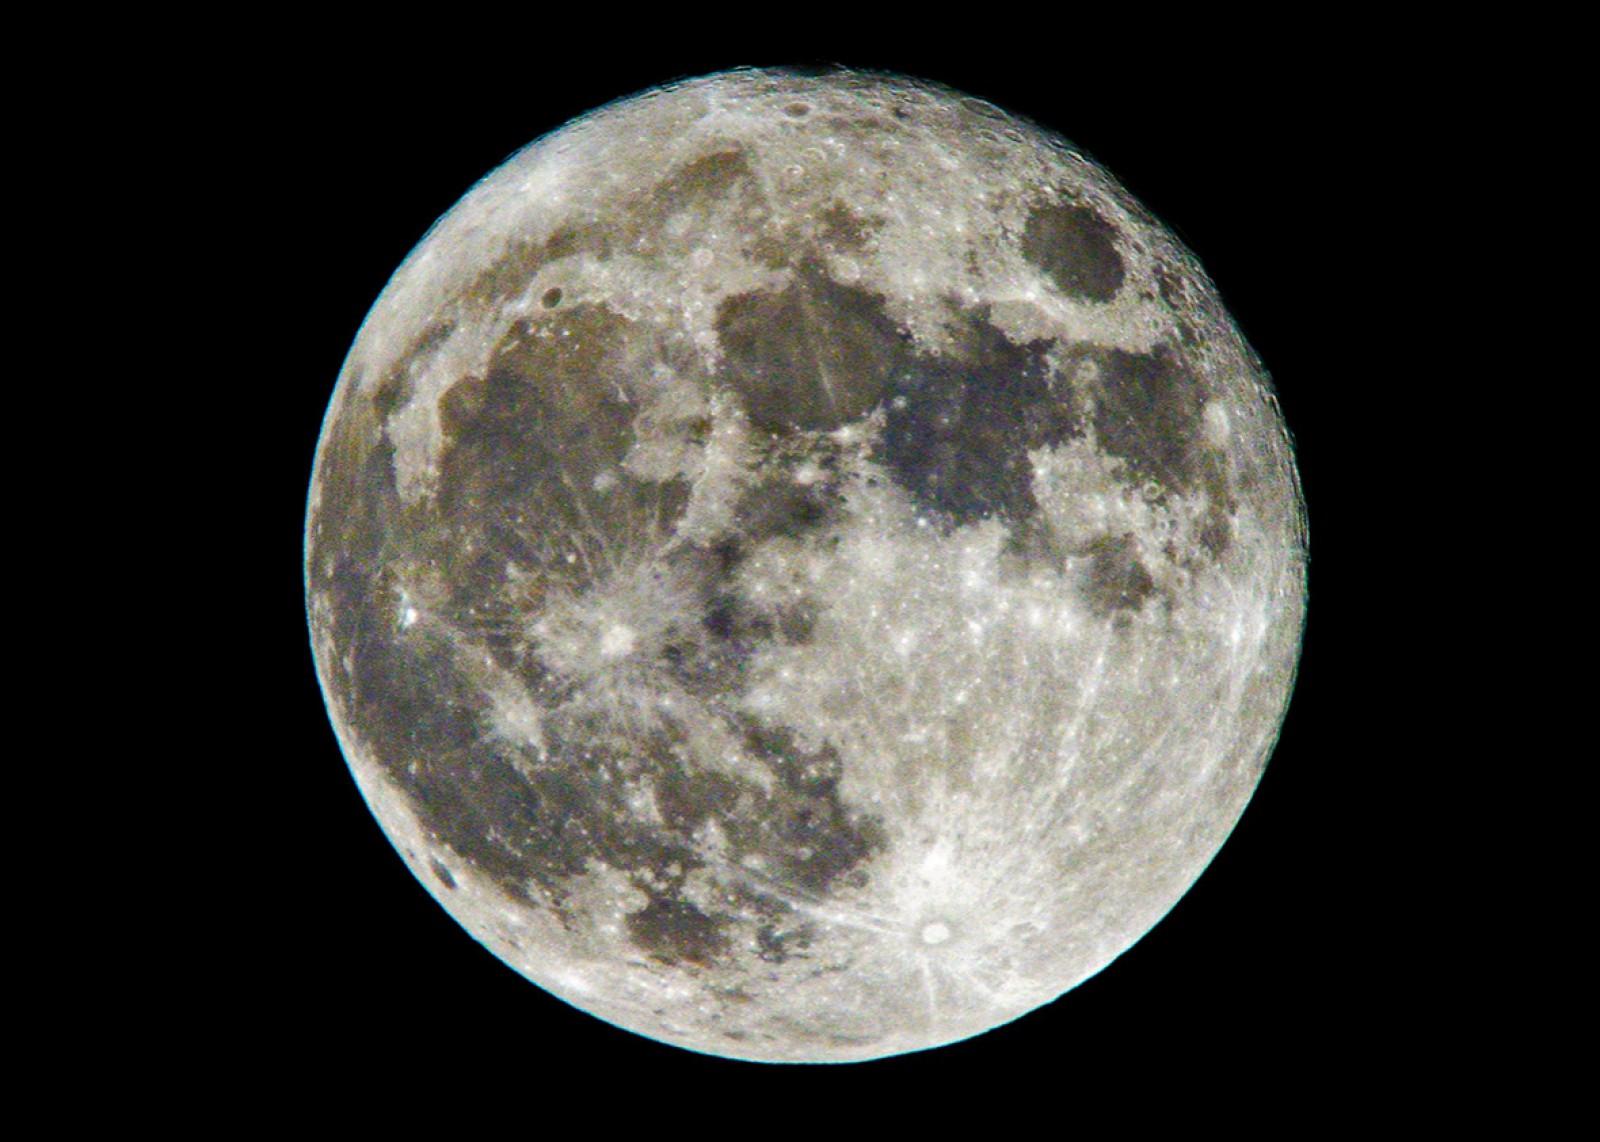 Eveniment astronomic rar - Super Luna albastră sângerie va putea fi admirată pe 31 ianuarie